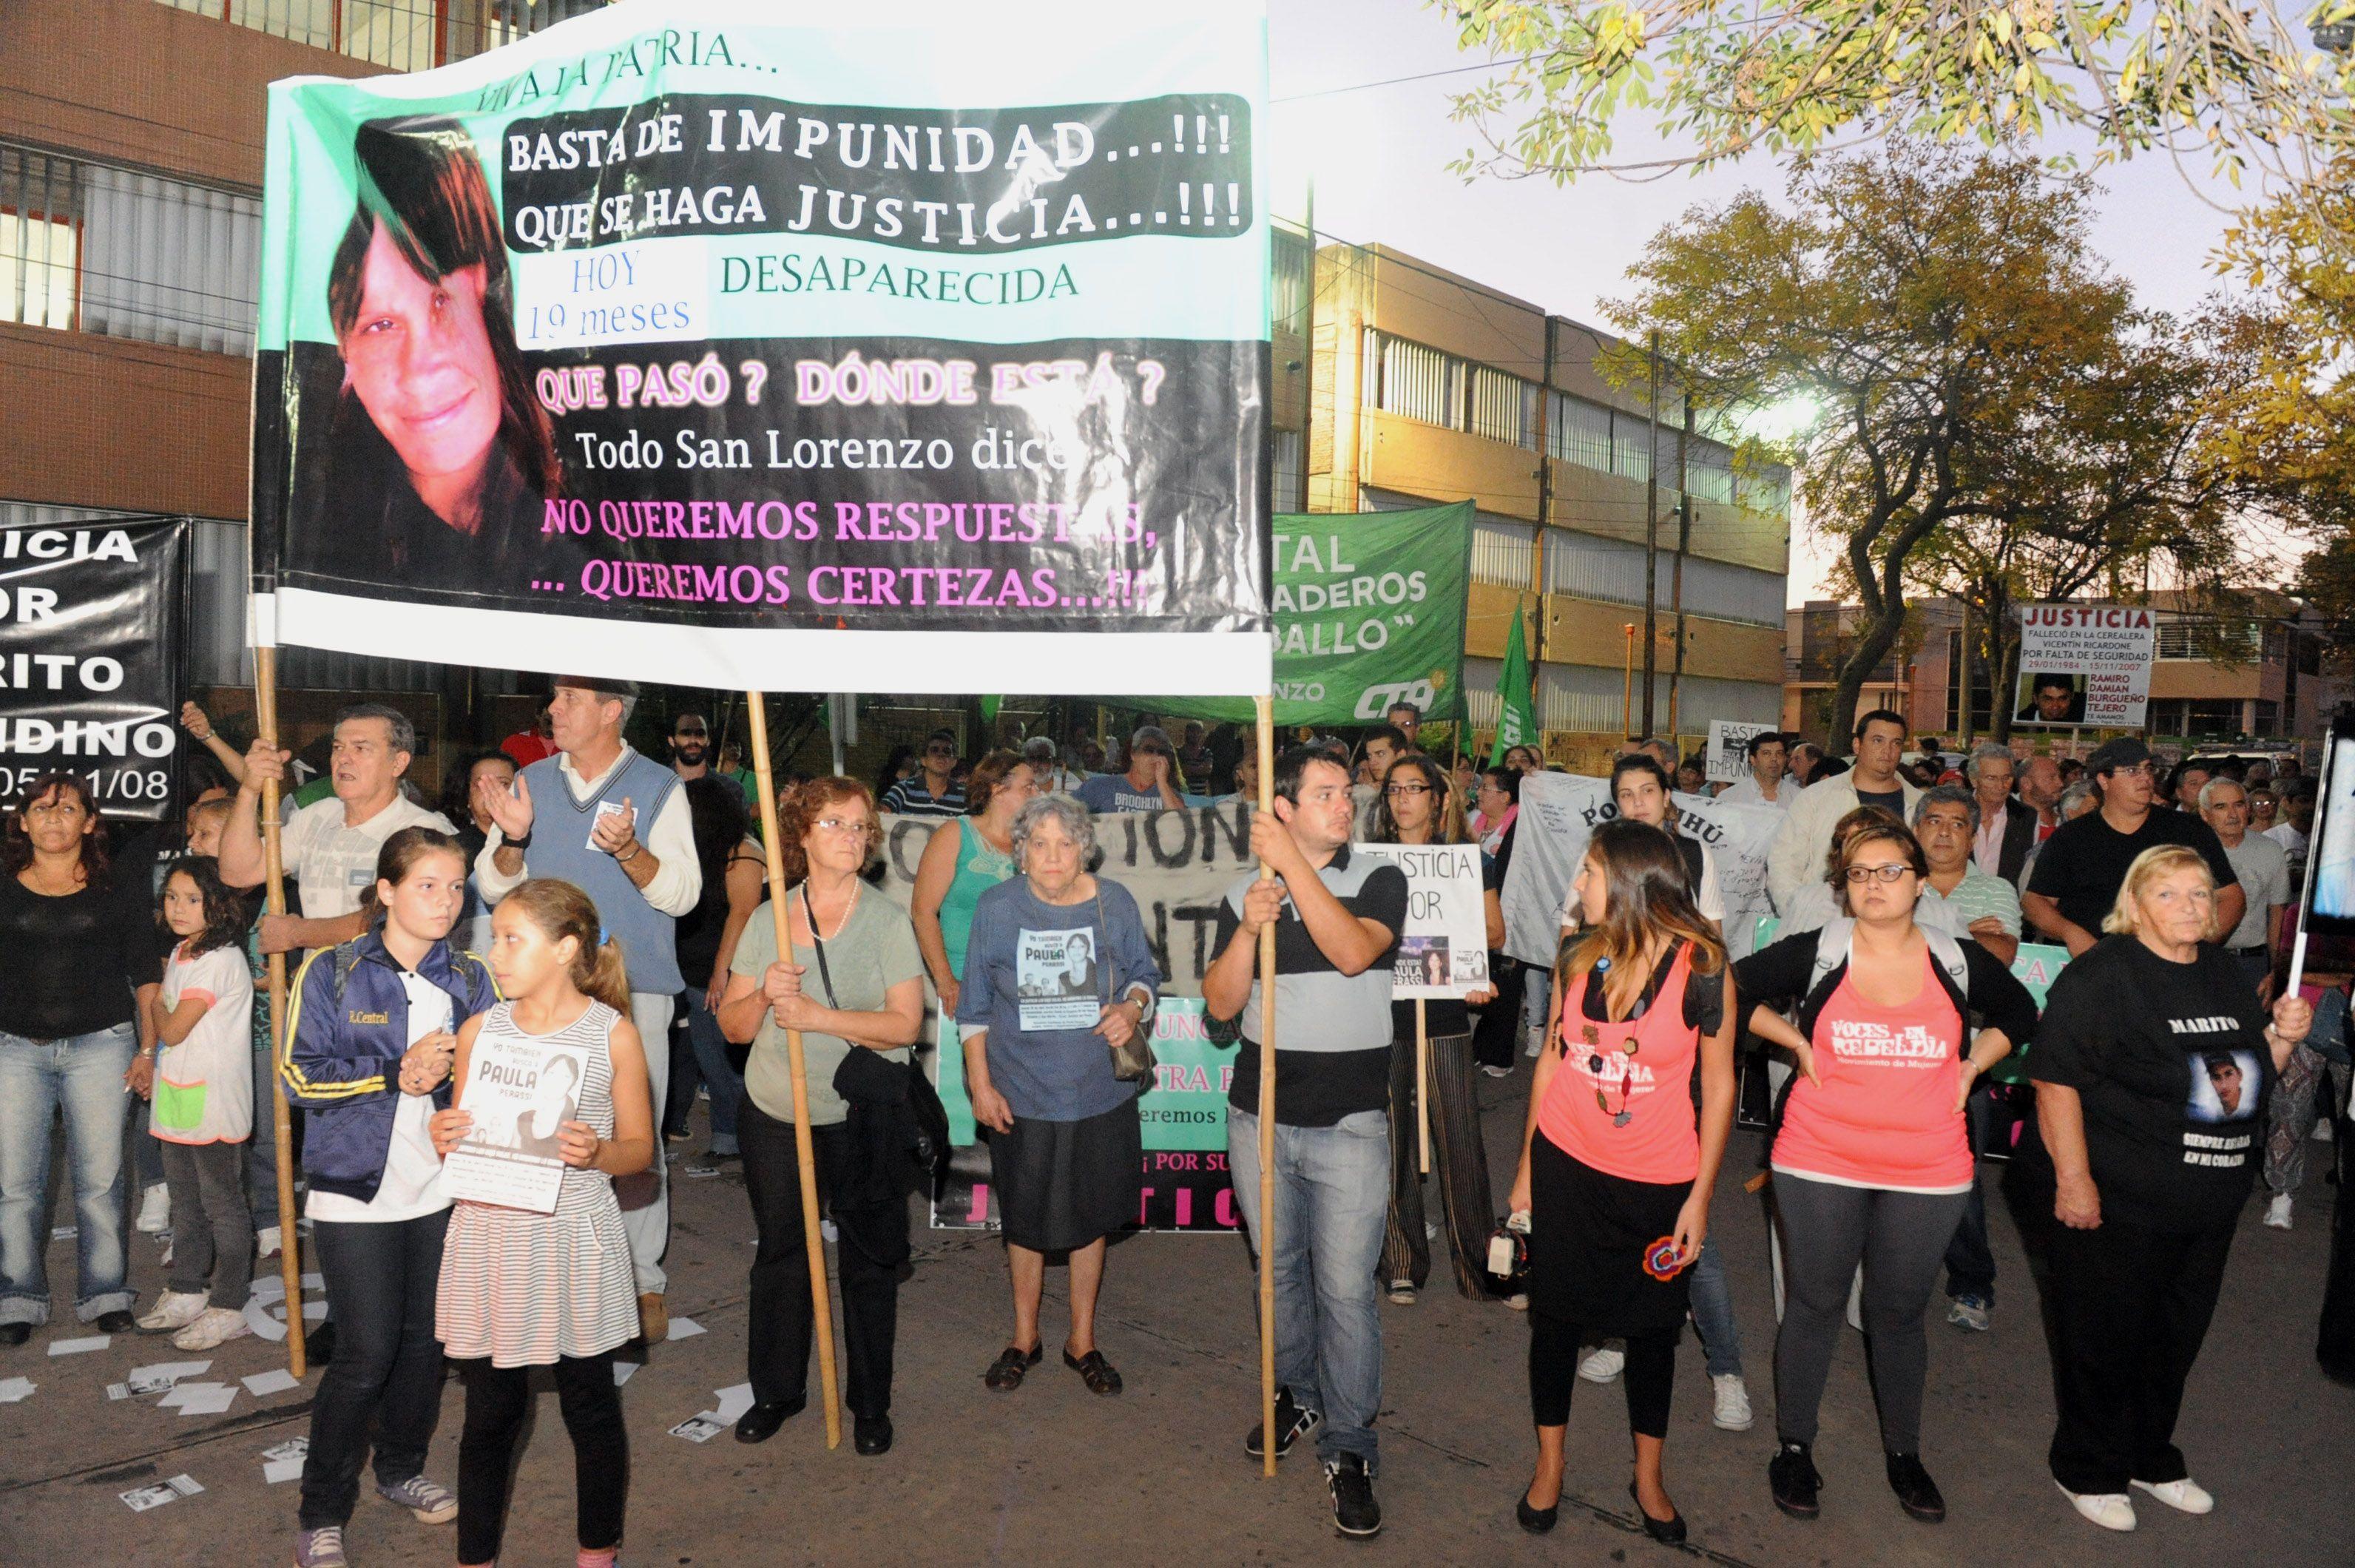 Los habitantes de San Lorenzo hace años que reclaman el esclarecimiento de la desaparición de Paula Perassi.